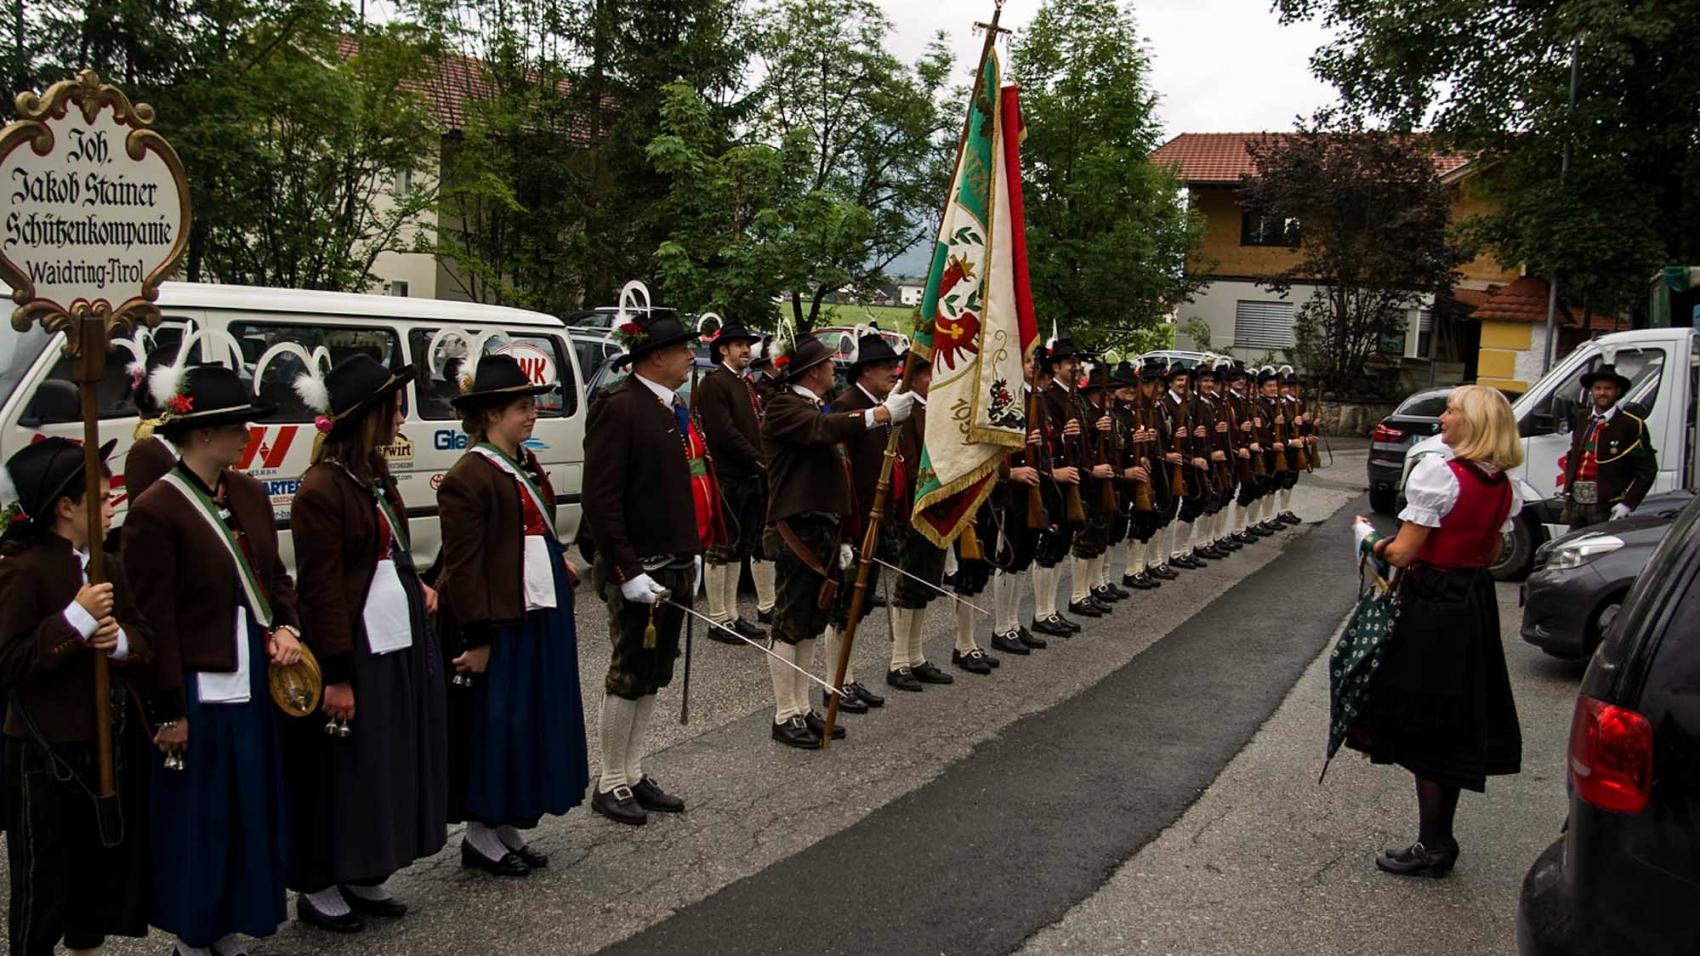 Gründungsfest Ebbs50 Jahre Schützengilde25 Jahre Schützenkompanie